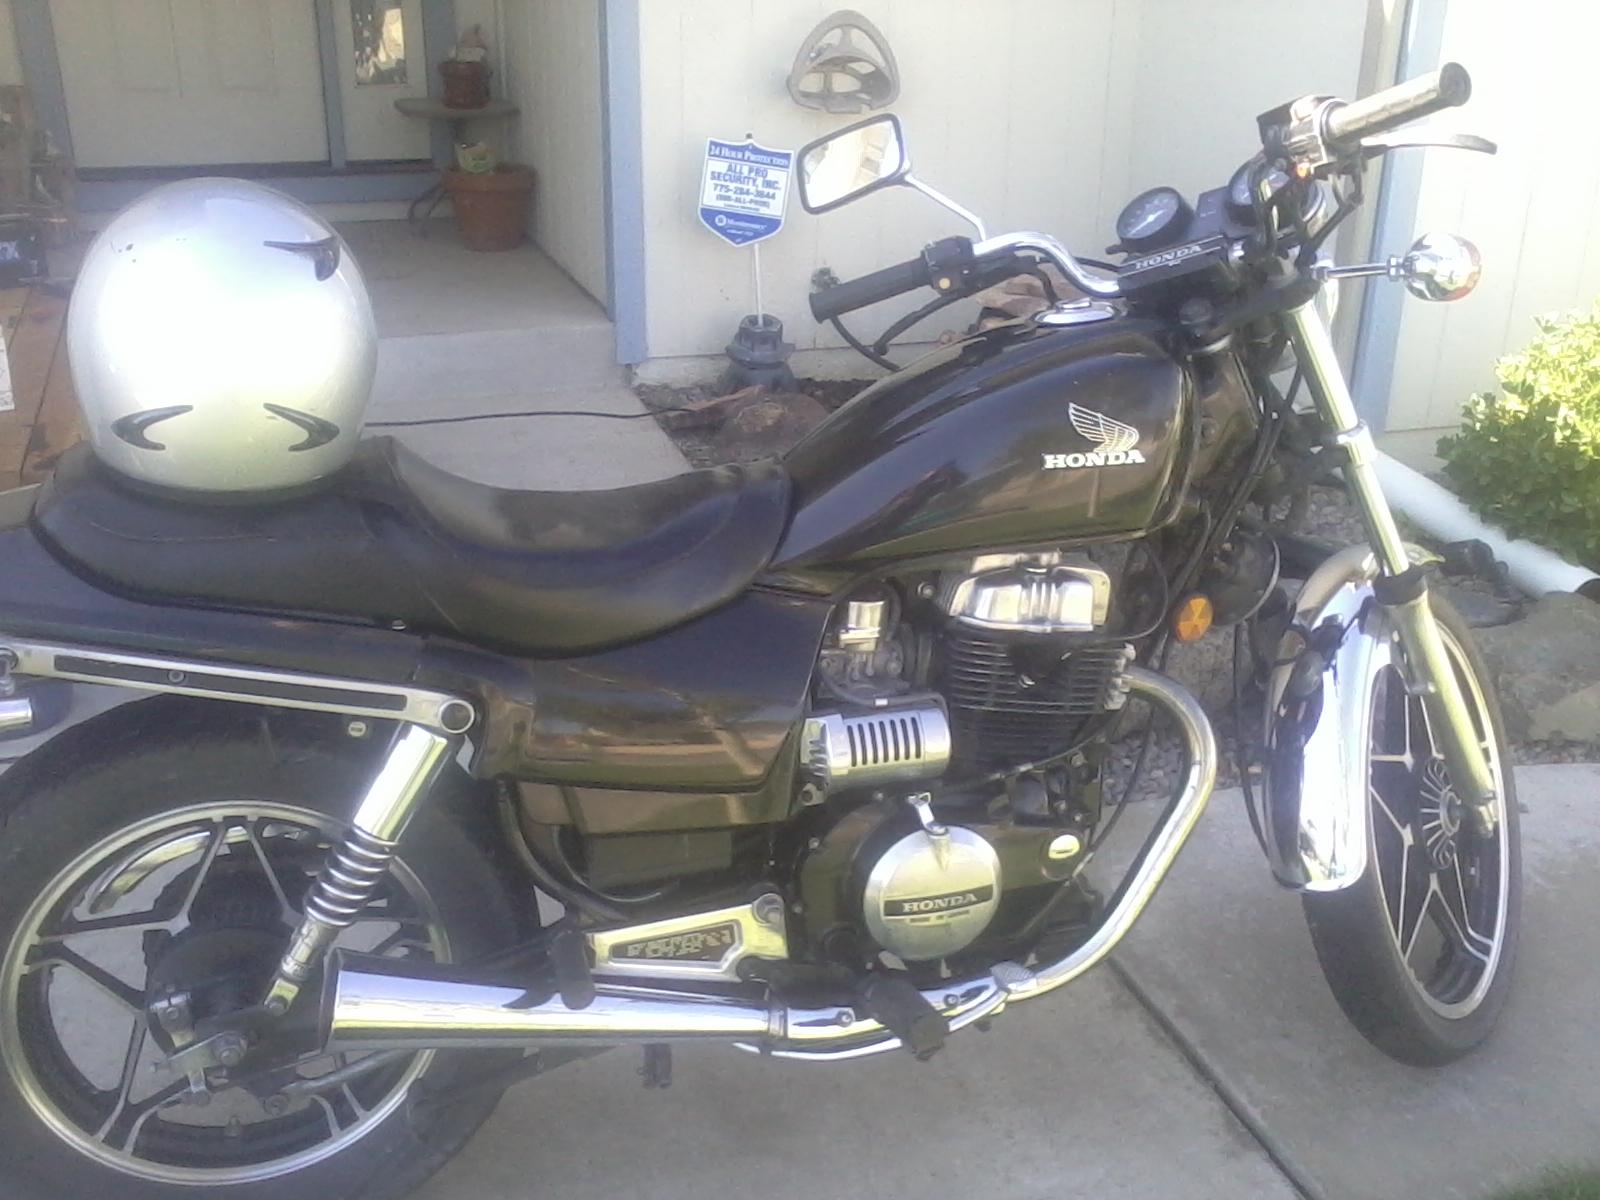 1985 Cb450sc Honda Nighthawk